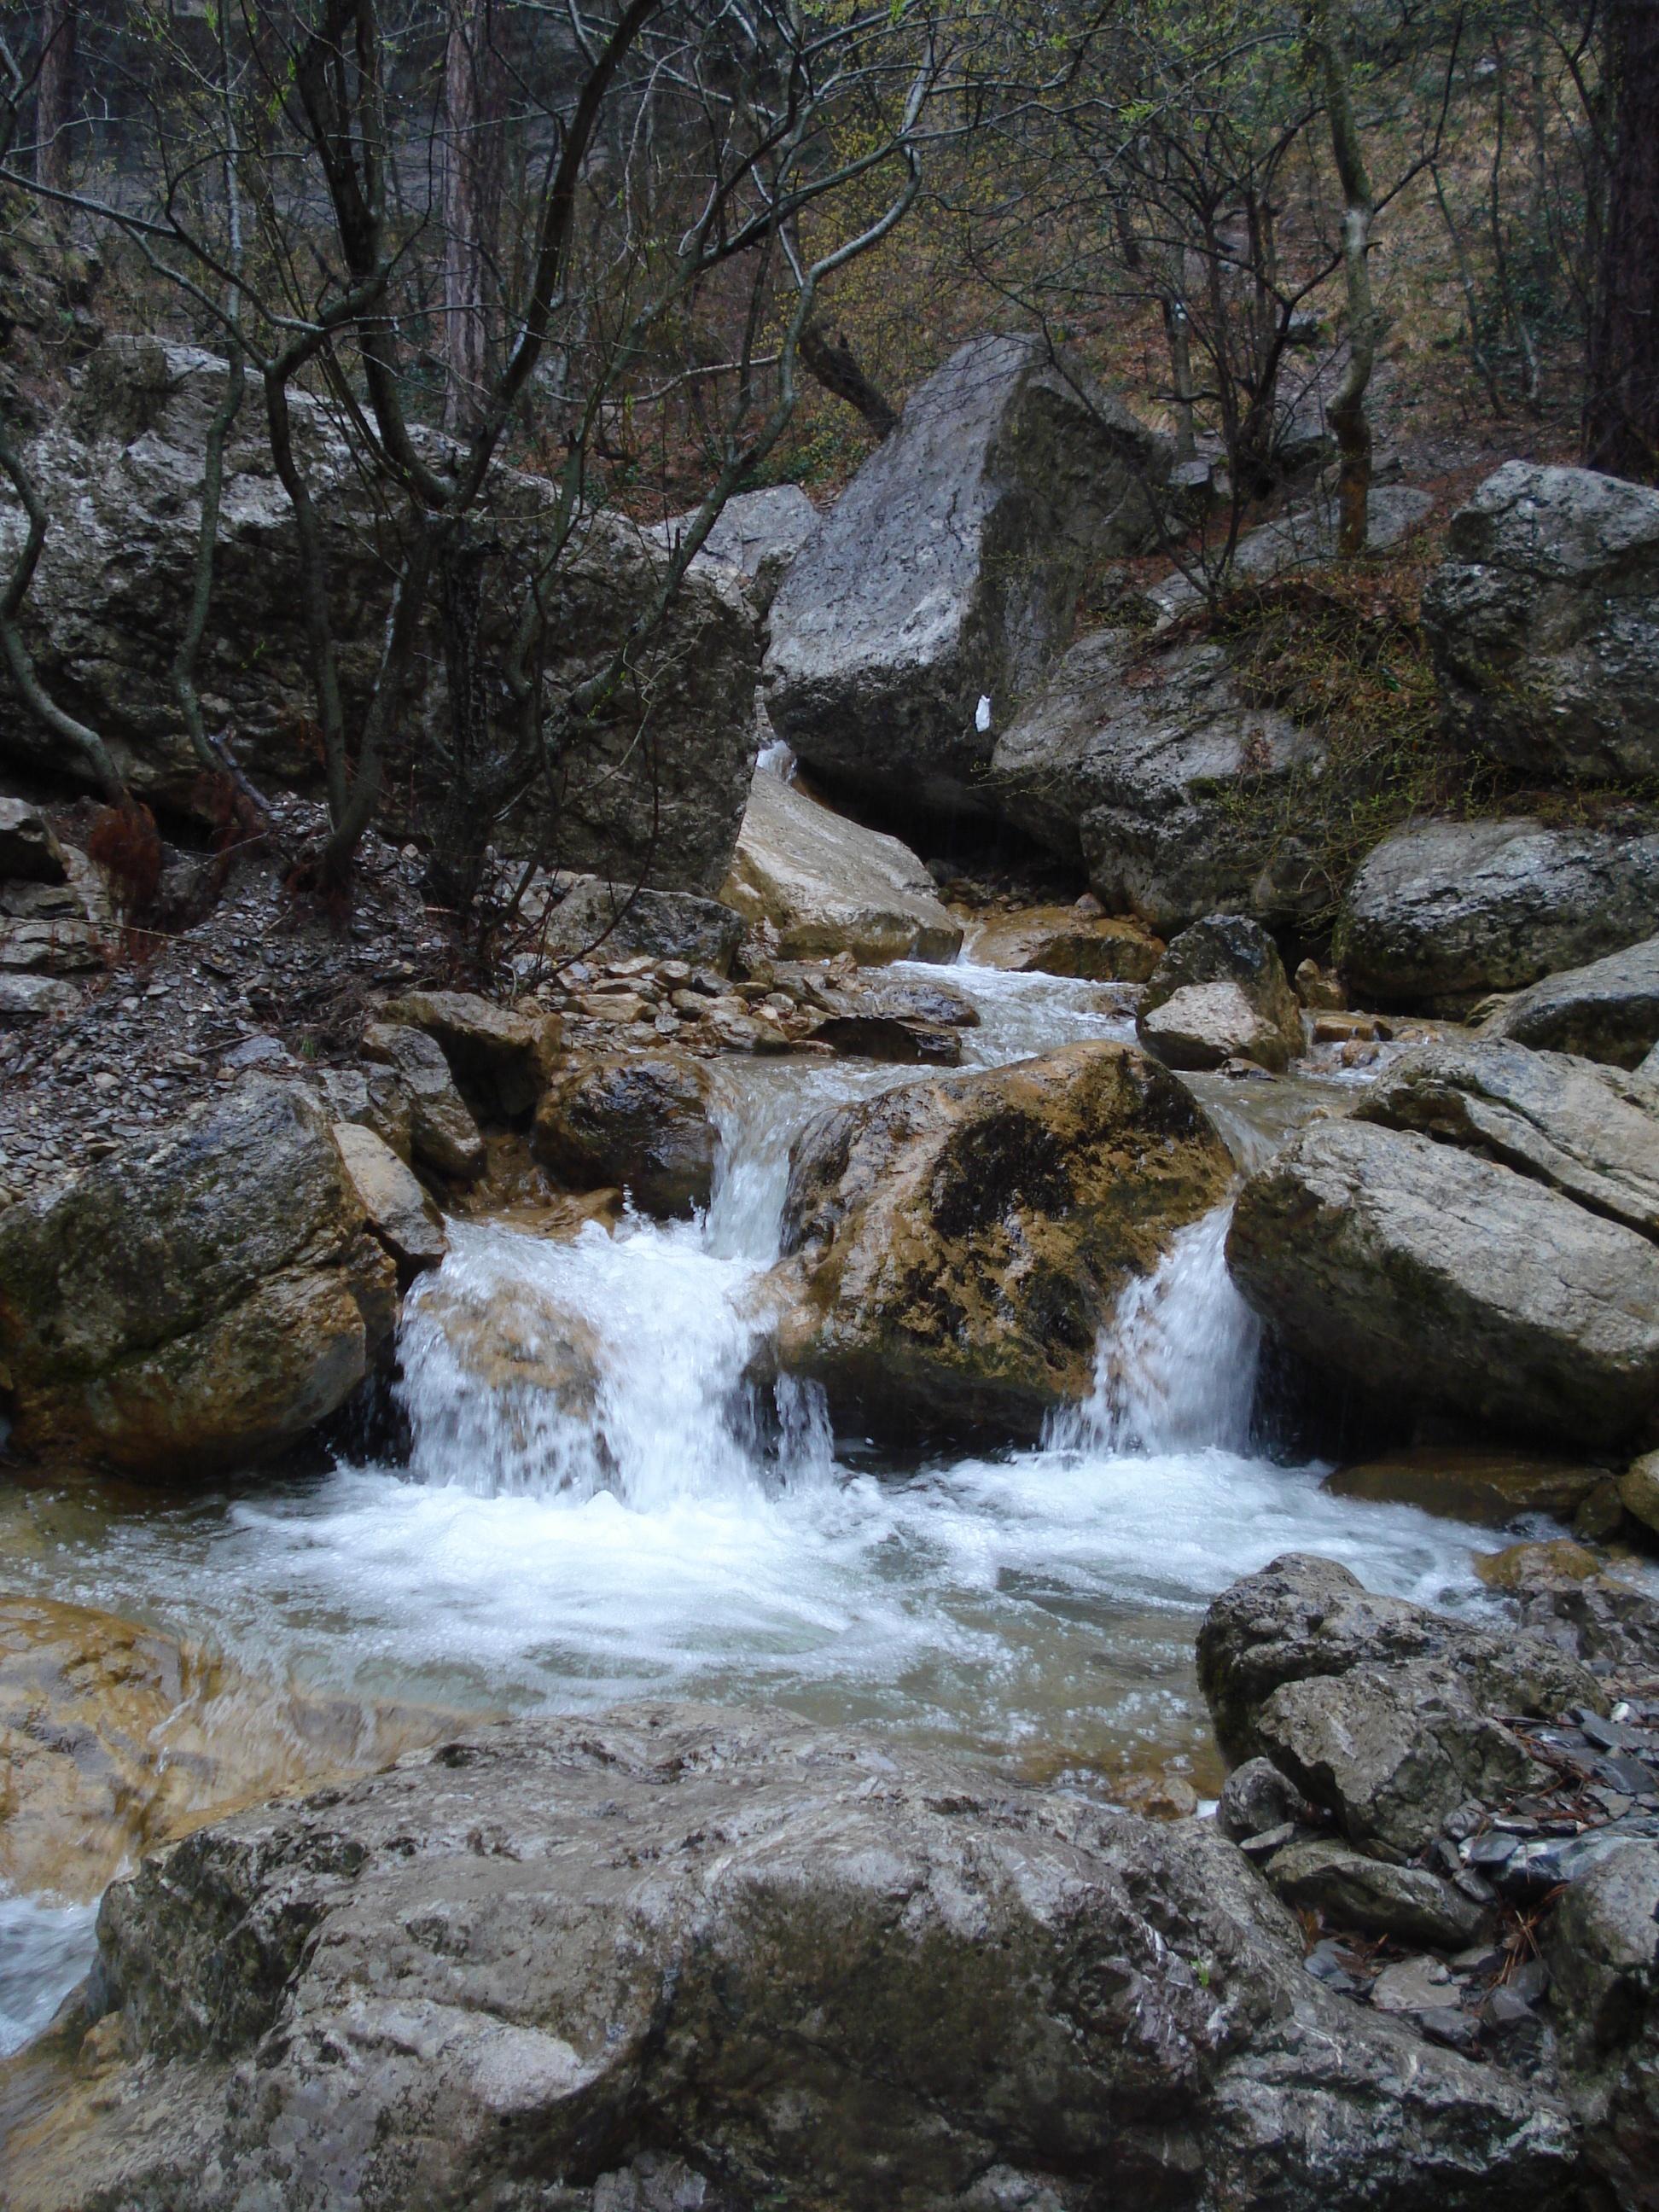 https://img-fotki.yandex.ru/get/169883/38146243.2f/0_d5e1d_99aaef56_orig.jpg